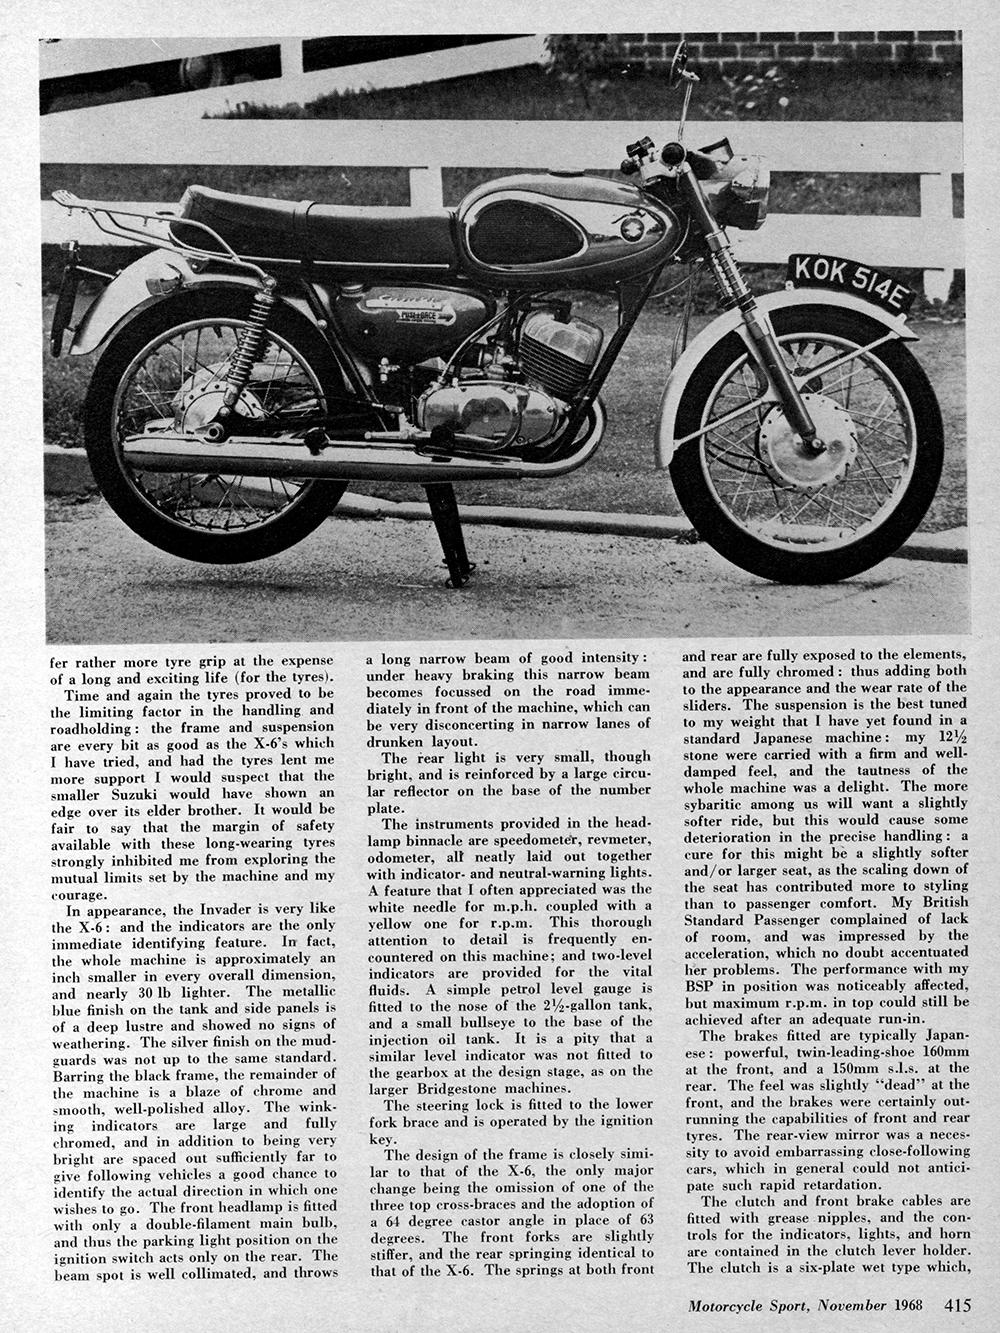 1969 Suzuki T200 road test 2.jpg